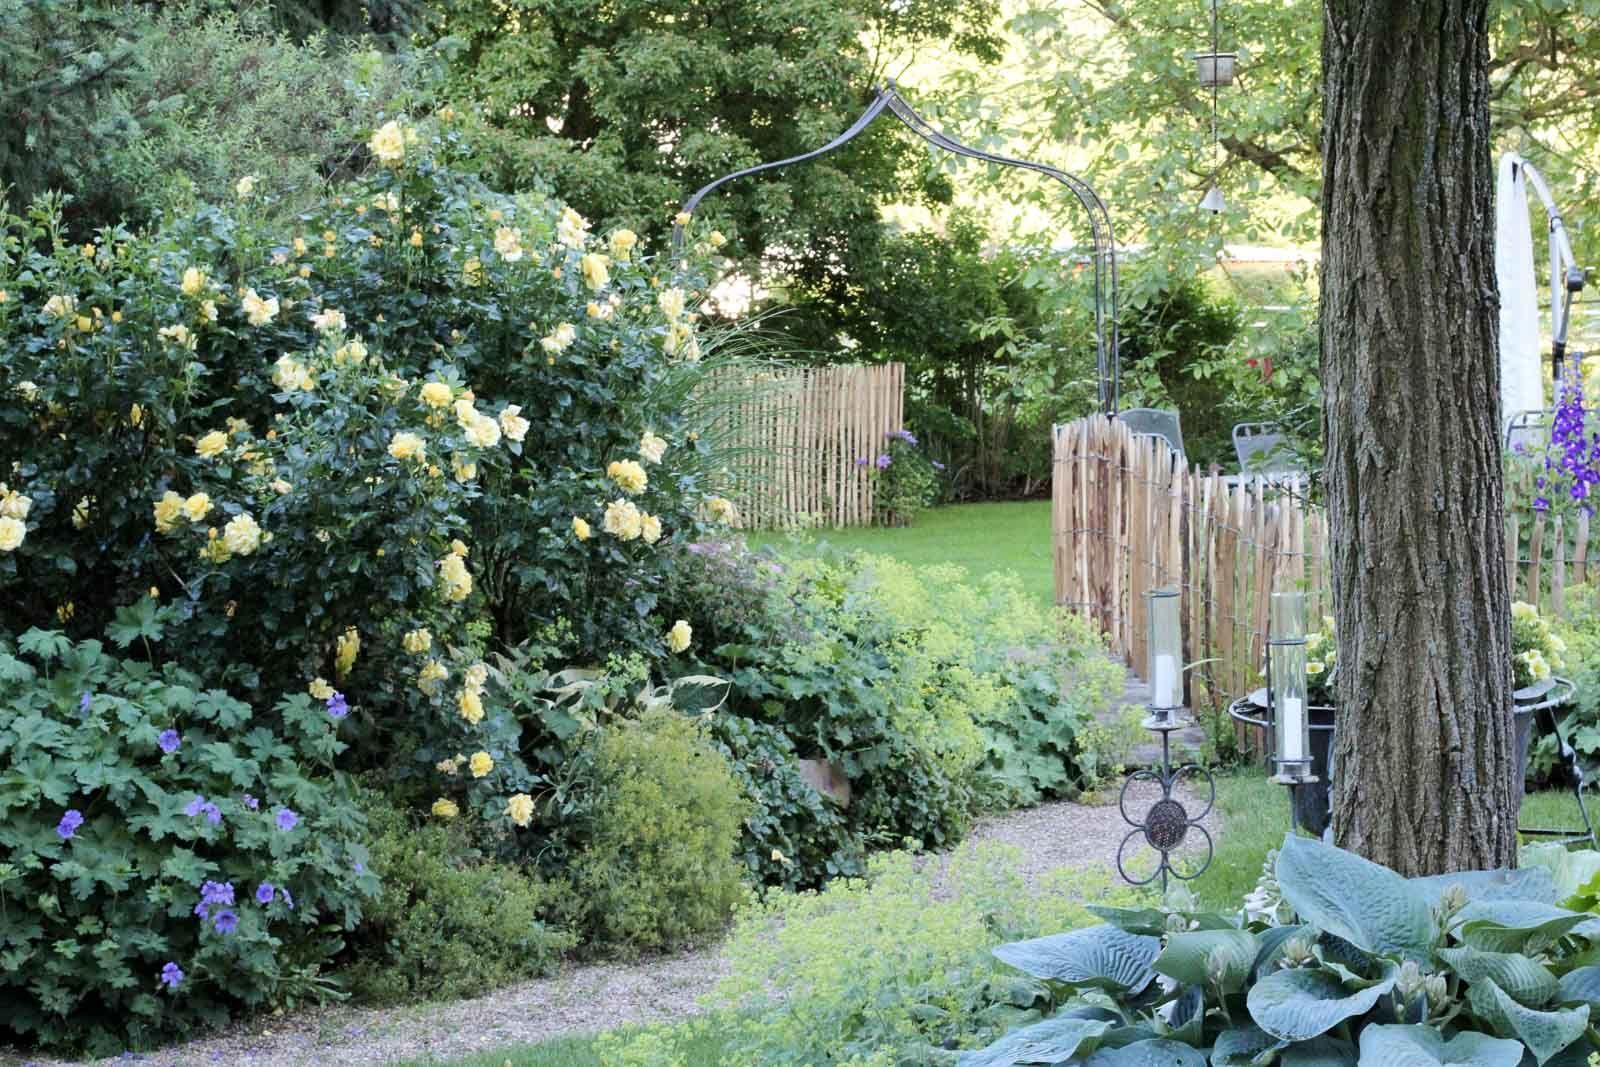 Traumgarten Ein Hessisches Kleinod Garten Fraulein Der Garten Blog Traumgarten Garten Englischer Garten